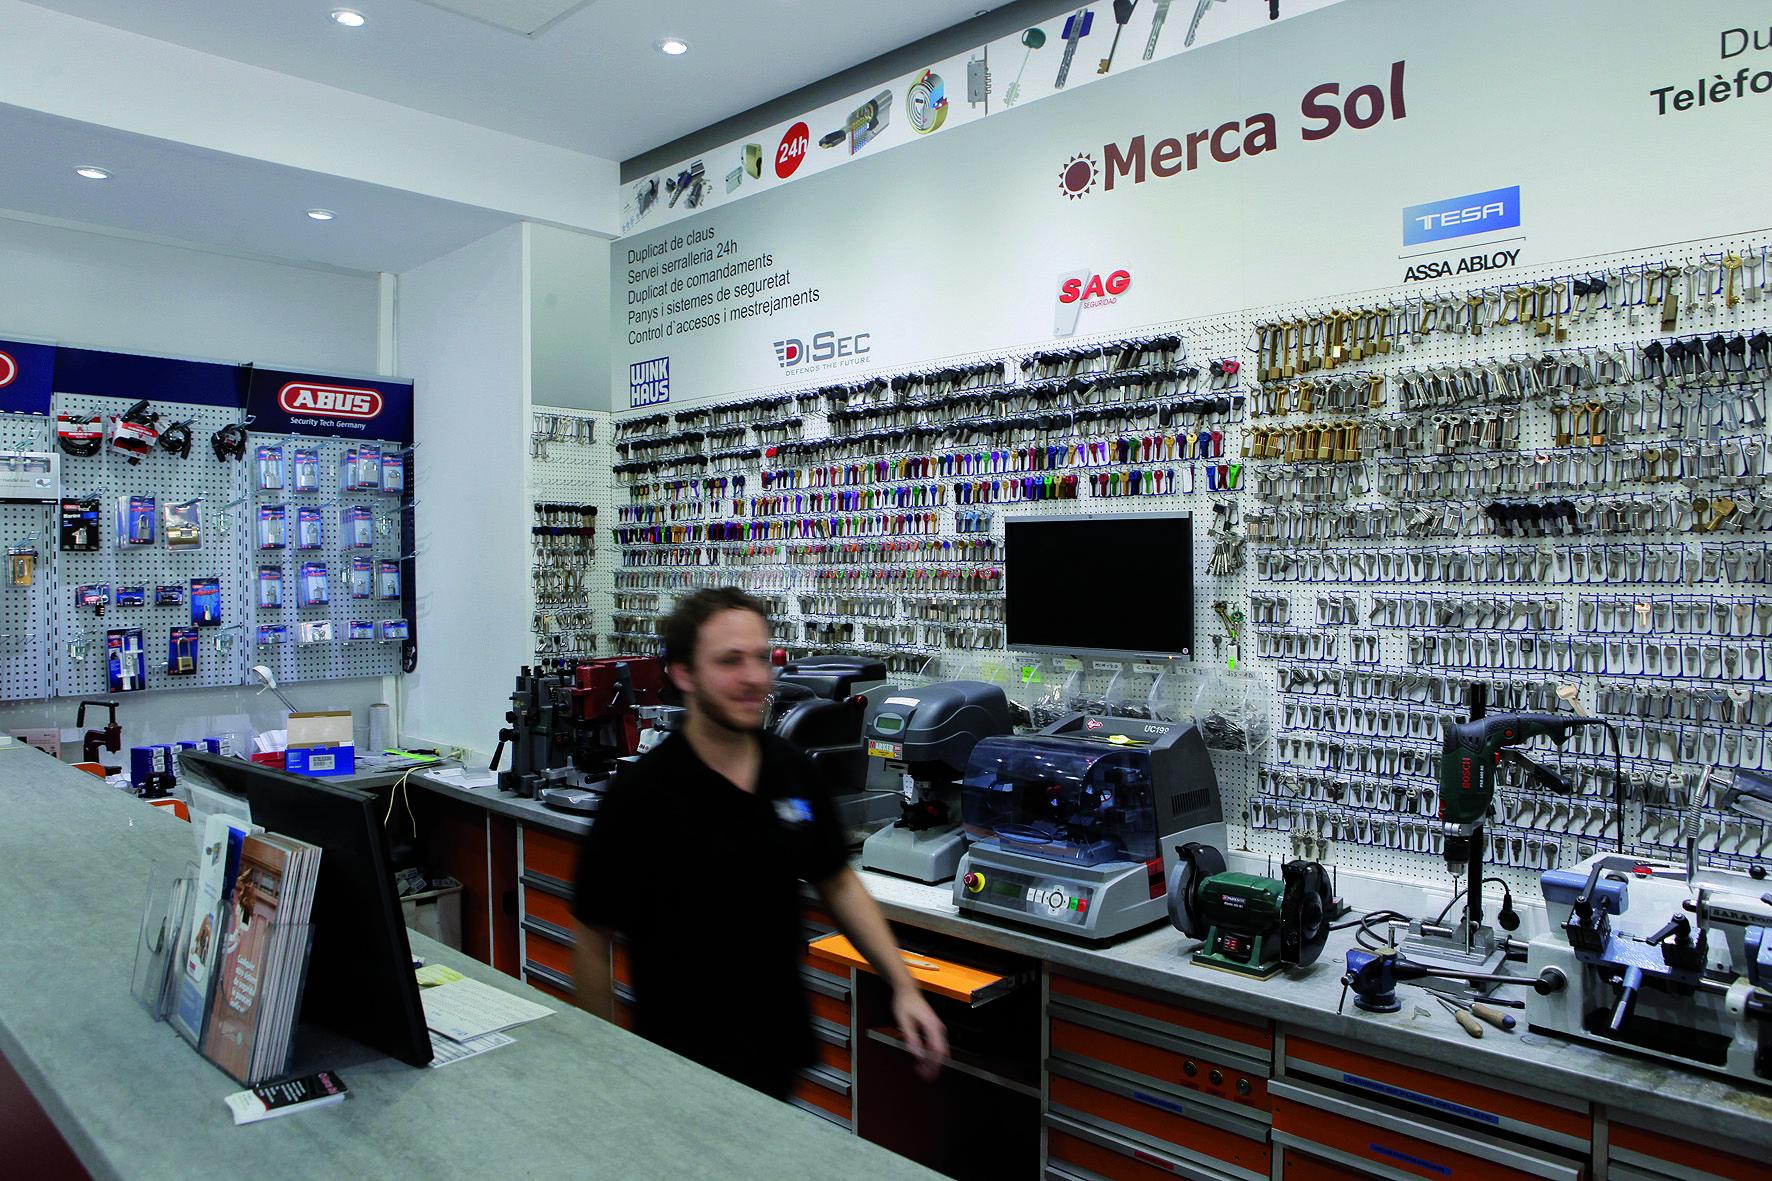 Merca Sol ofereix un servei de serralleria de 24 hores cada dia de l'any. FOTO: Artur Ribera